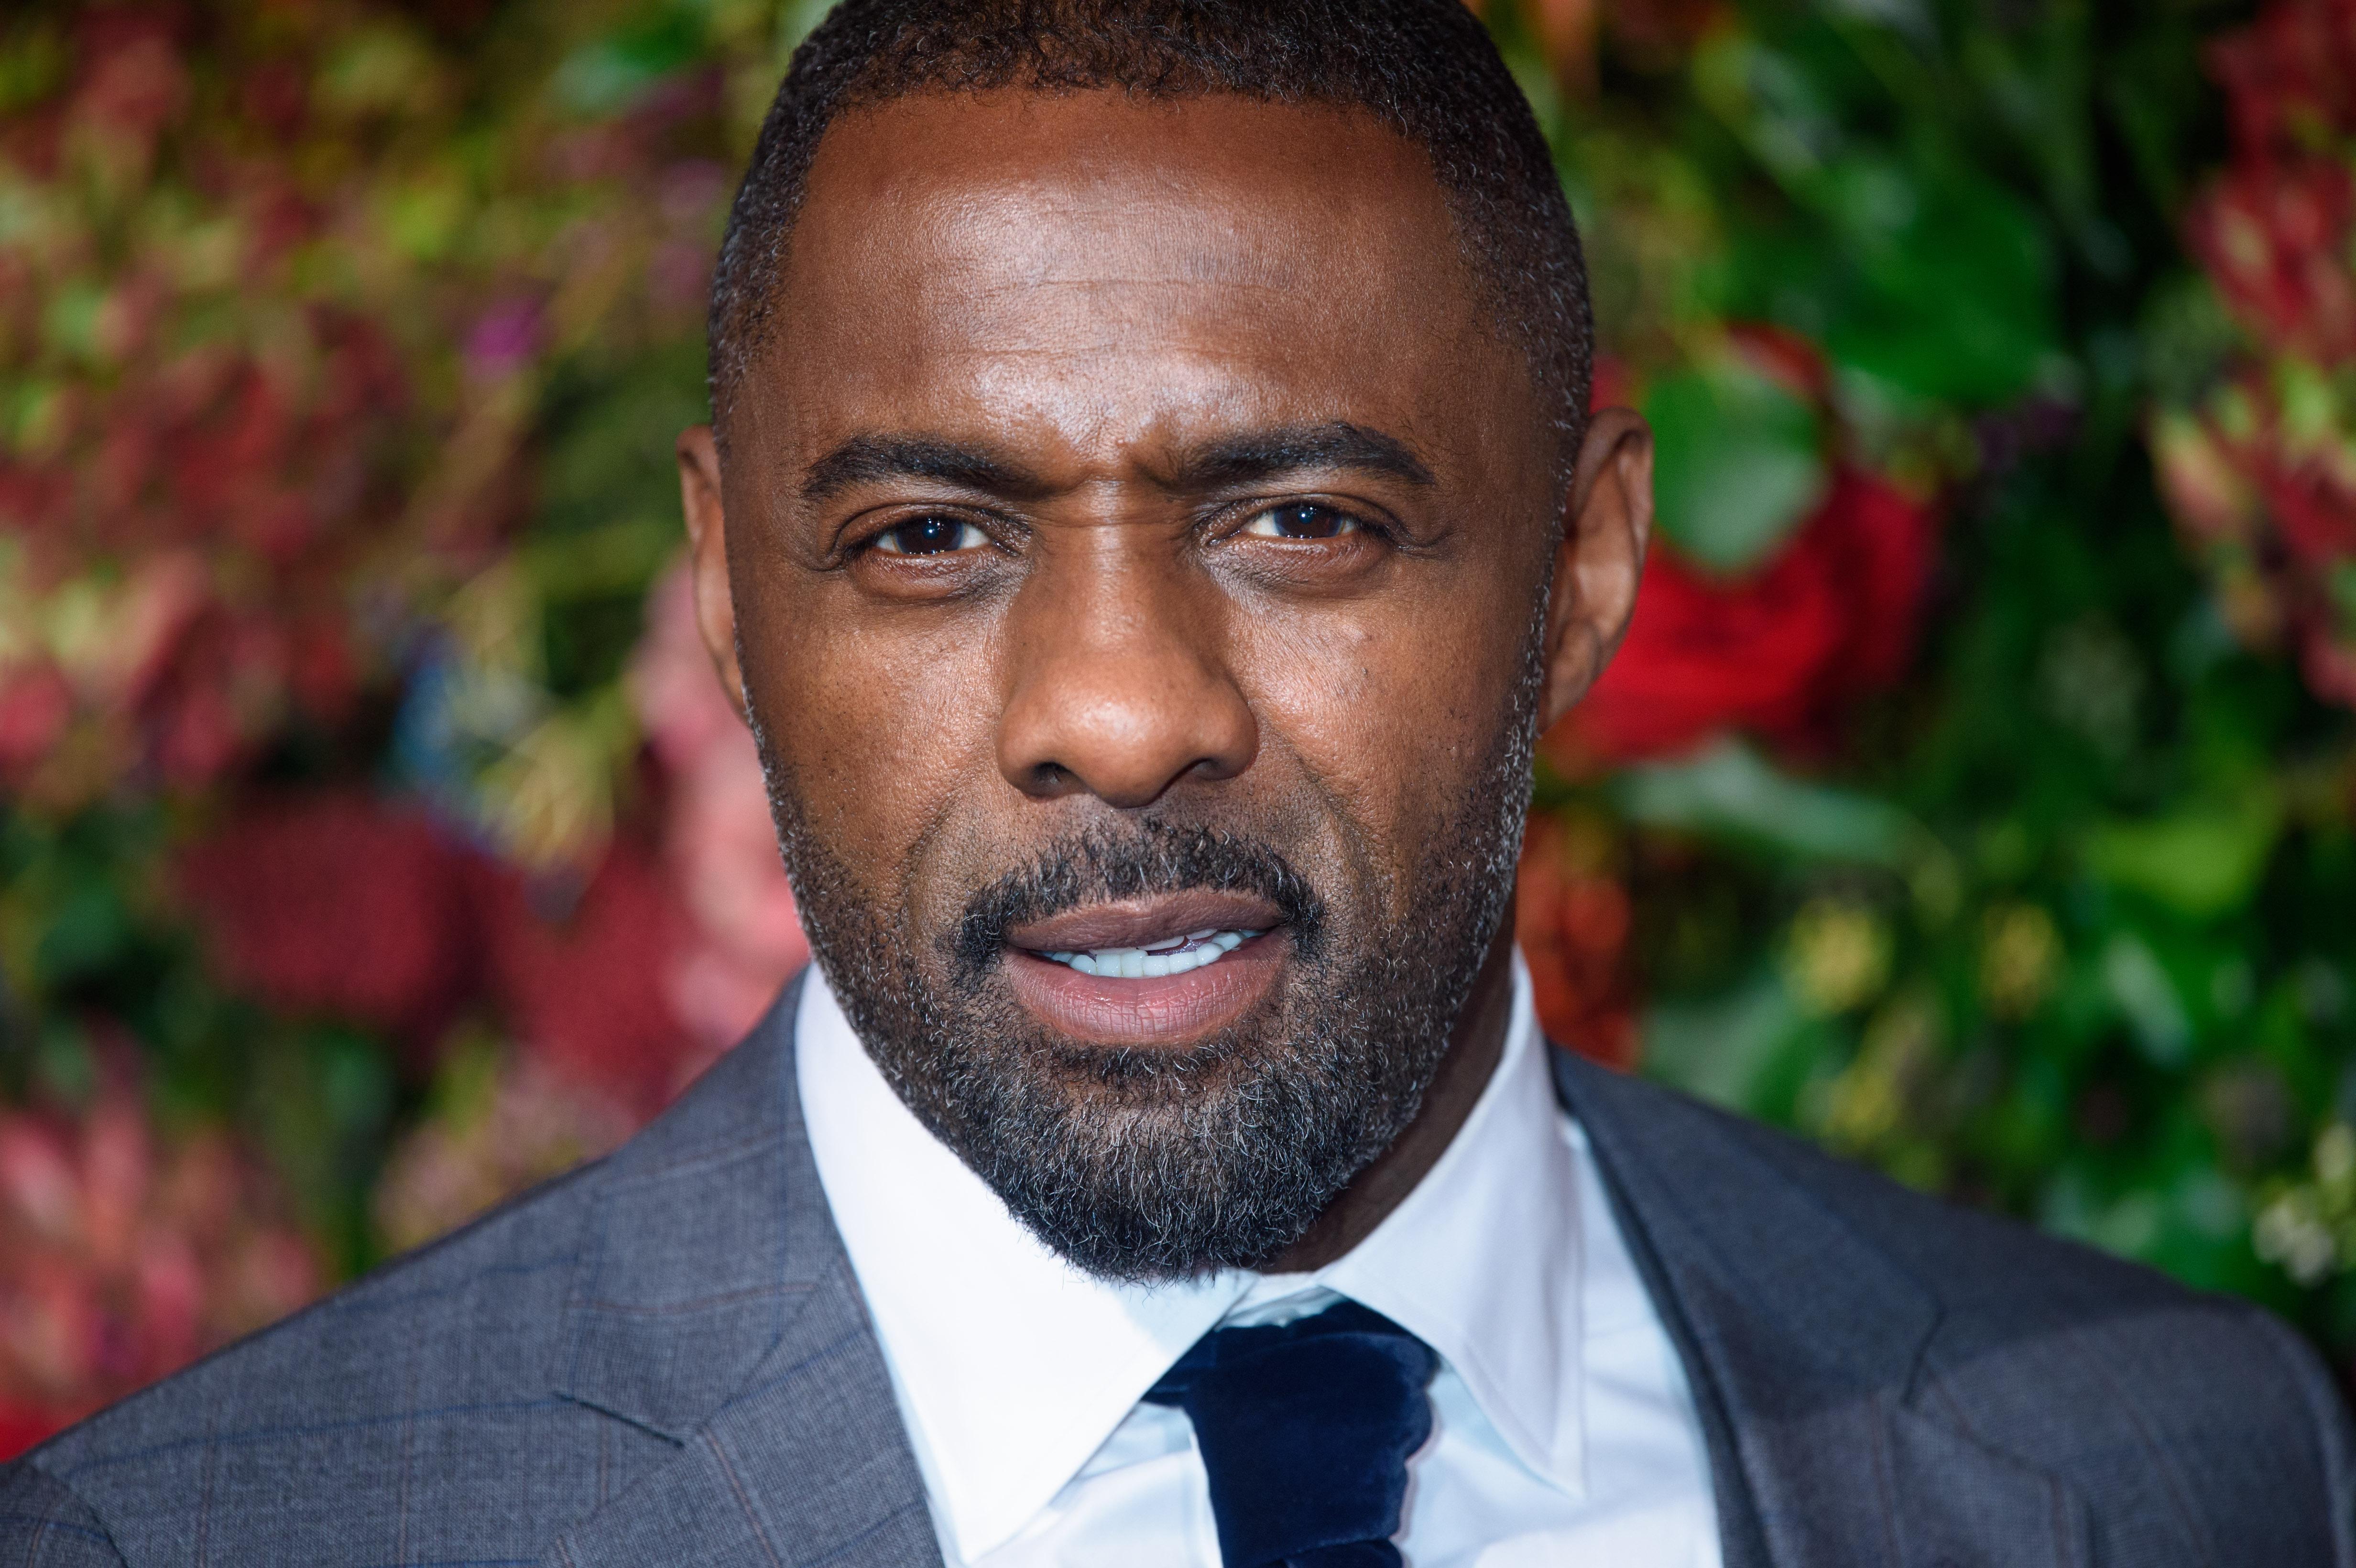 Idris Elba. Credit: PA